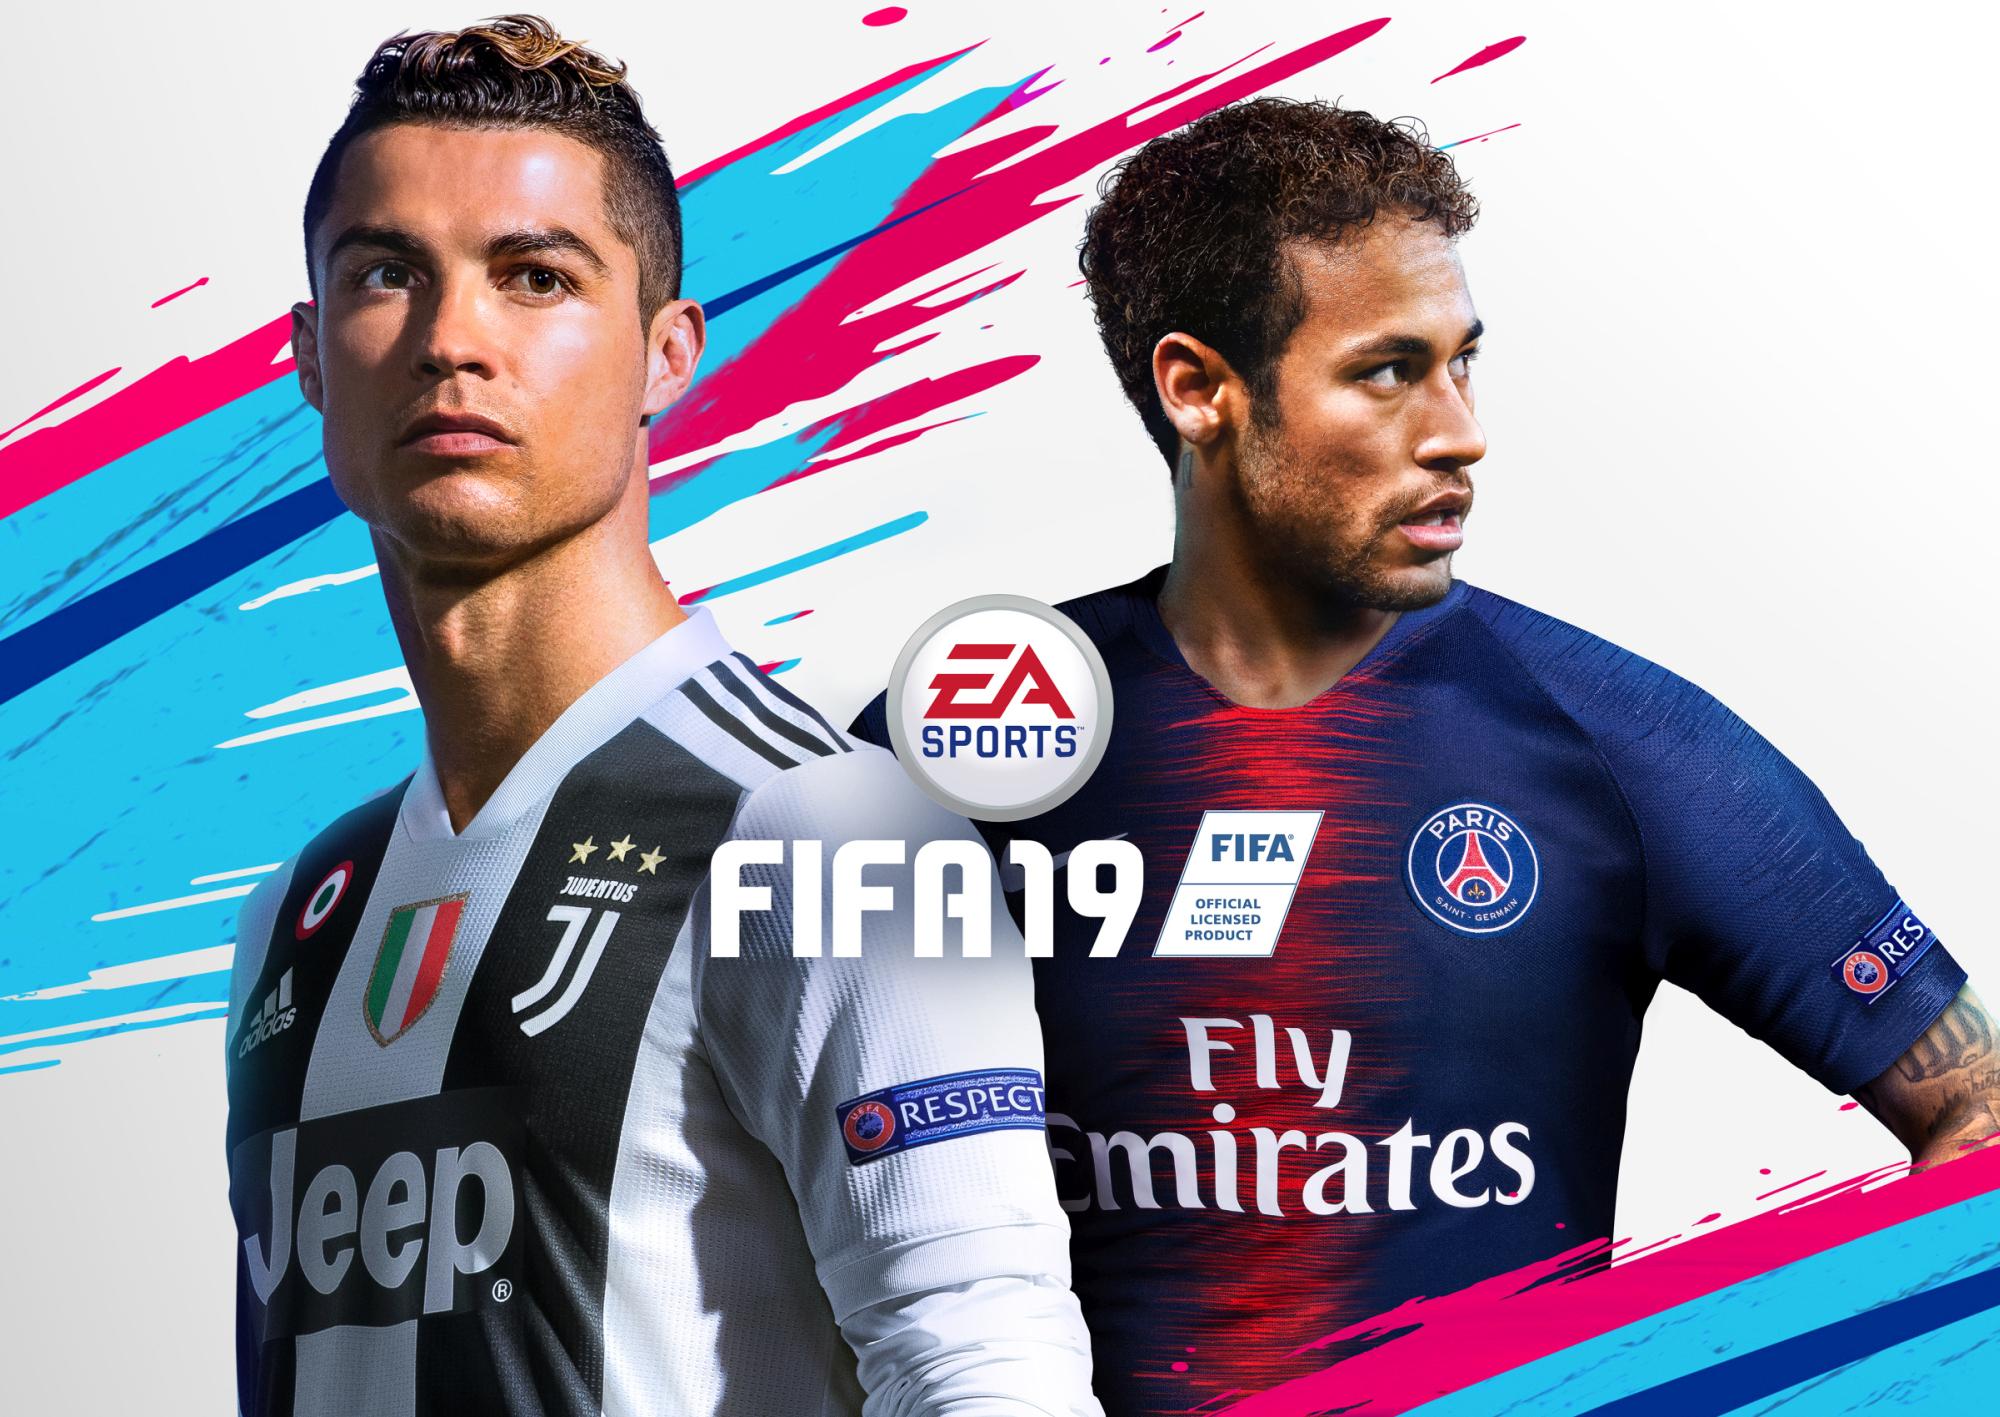 Photo of FIFA 19, unul dintre cele mai mari jocuri din lume, creat de talente tech din România și Canada, se lansează astăzi